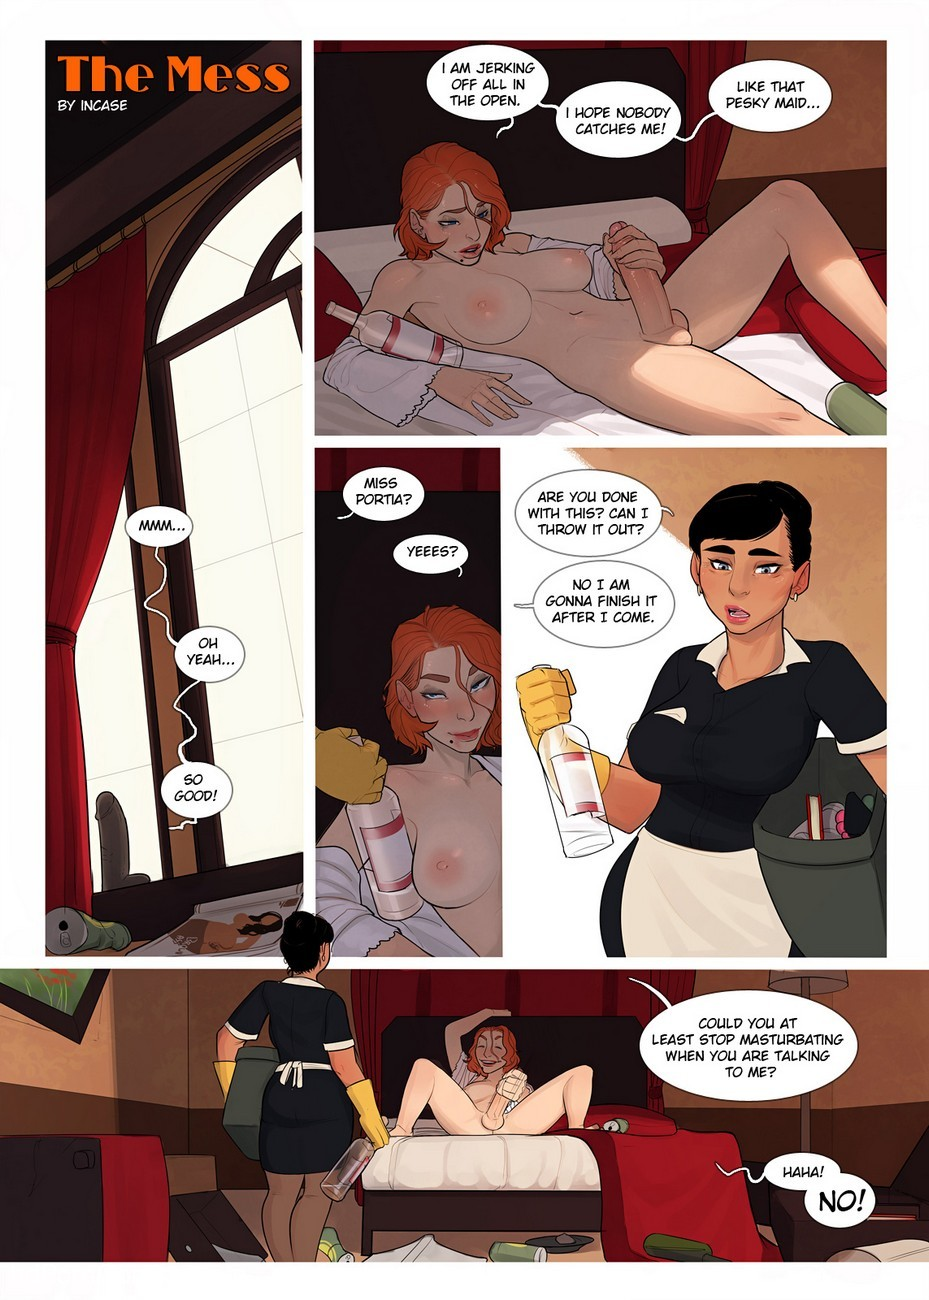 The Mess 1 2 free sex comic